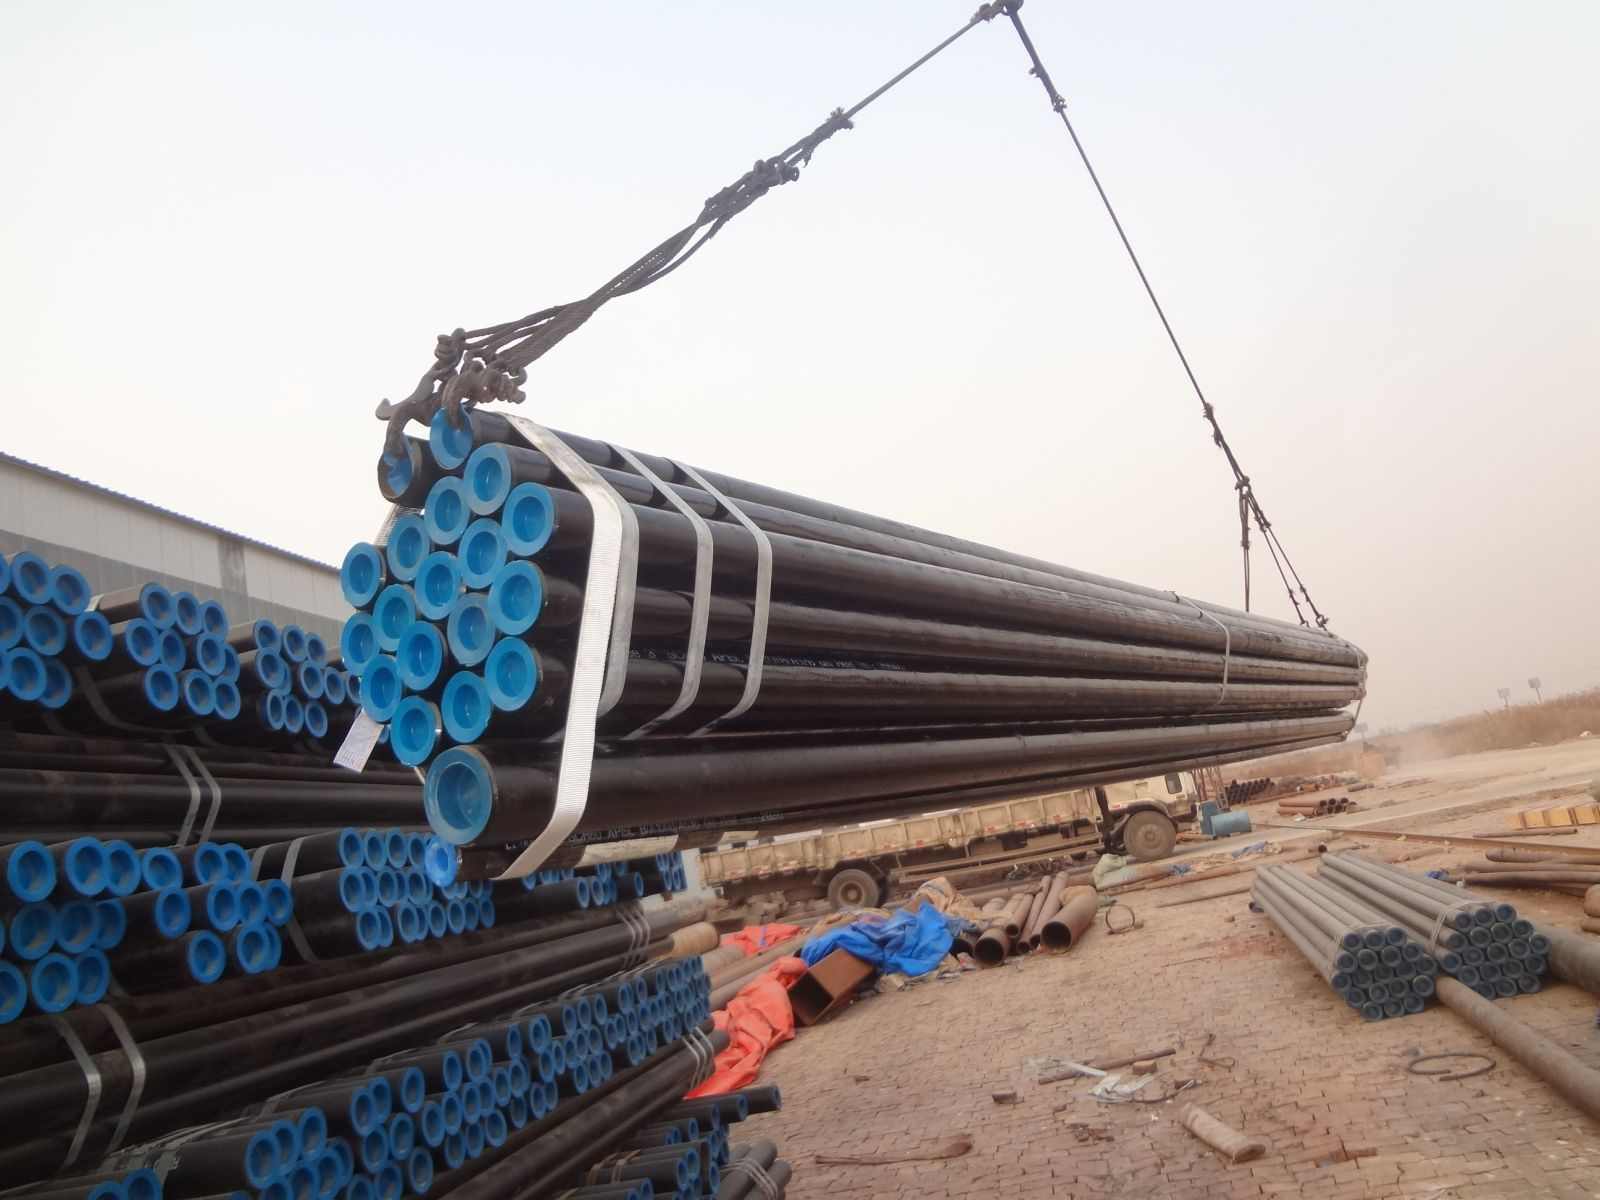 ГОСТ 30563-98 труба из углеродистой стали, DN 250 мм, 7,8 мм, 6 м